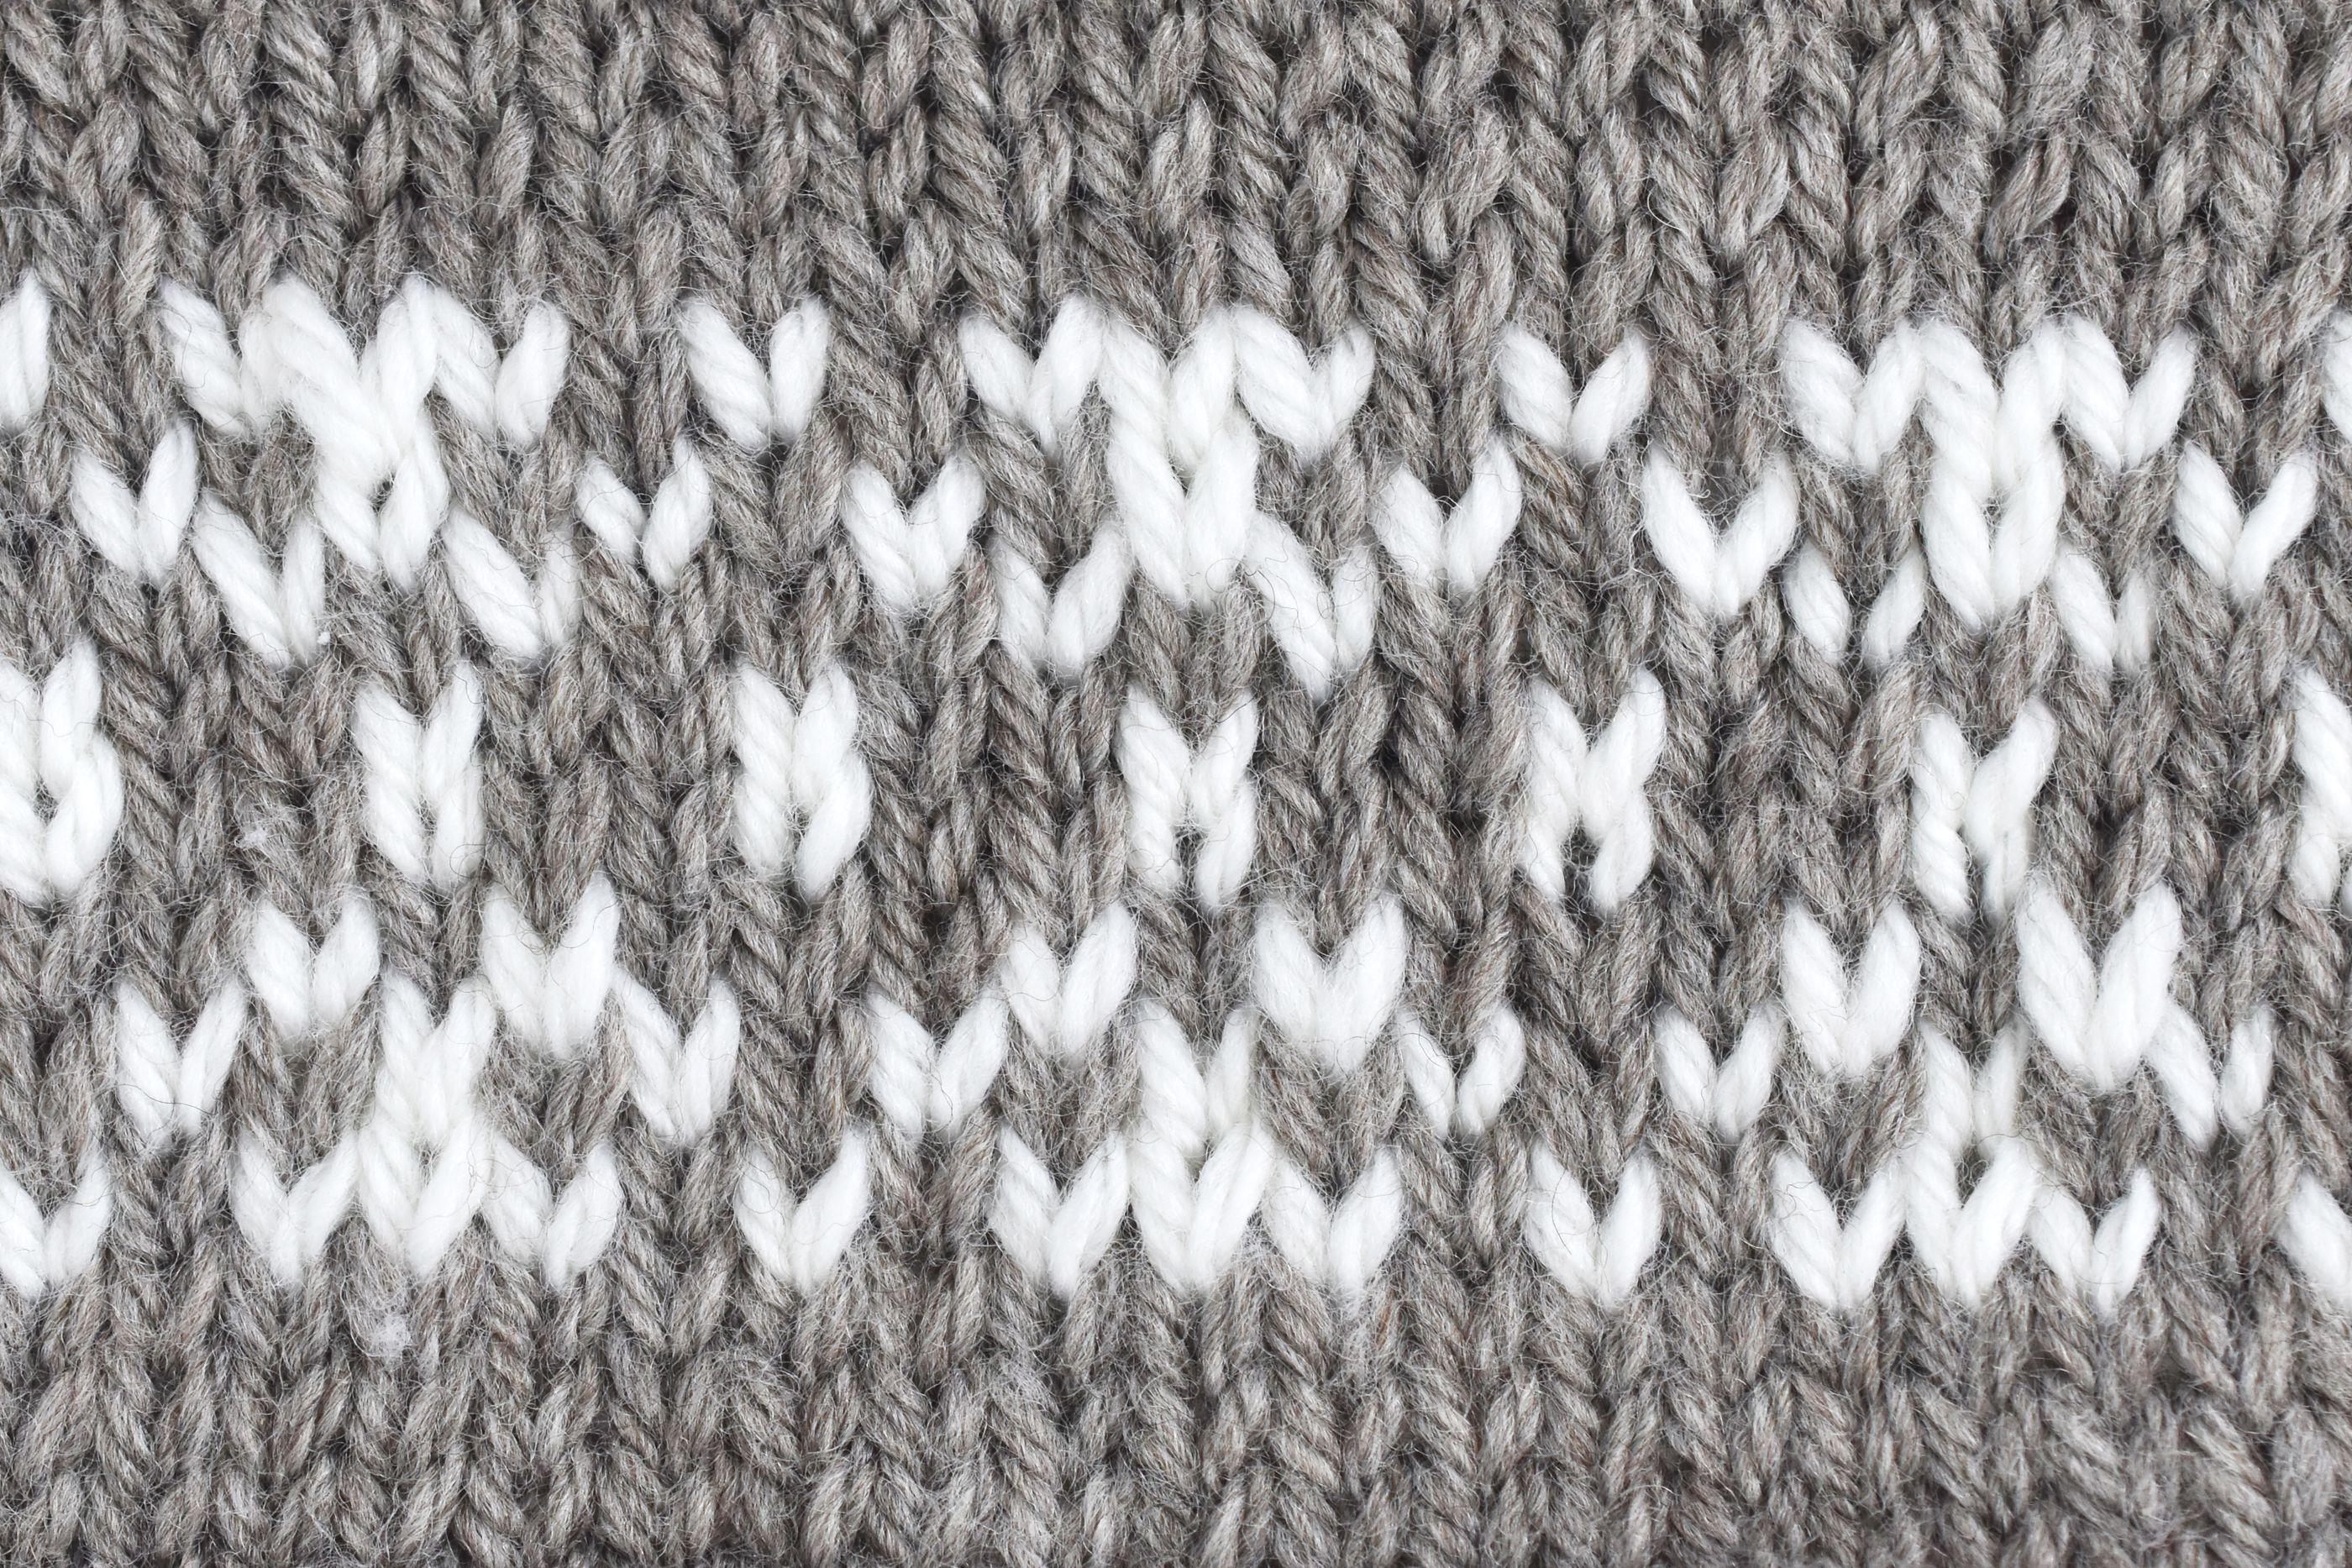 Stranded Knitting Sample